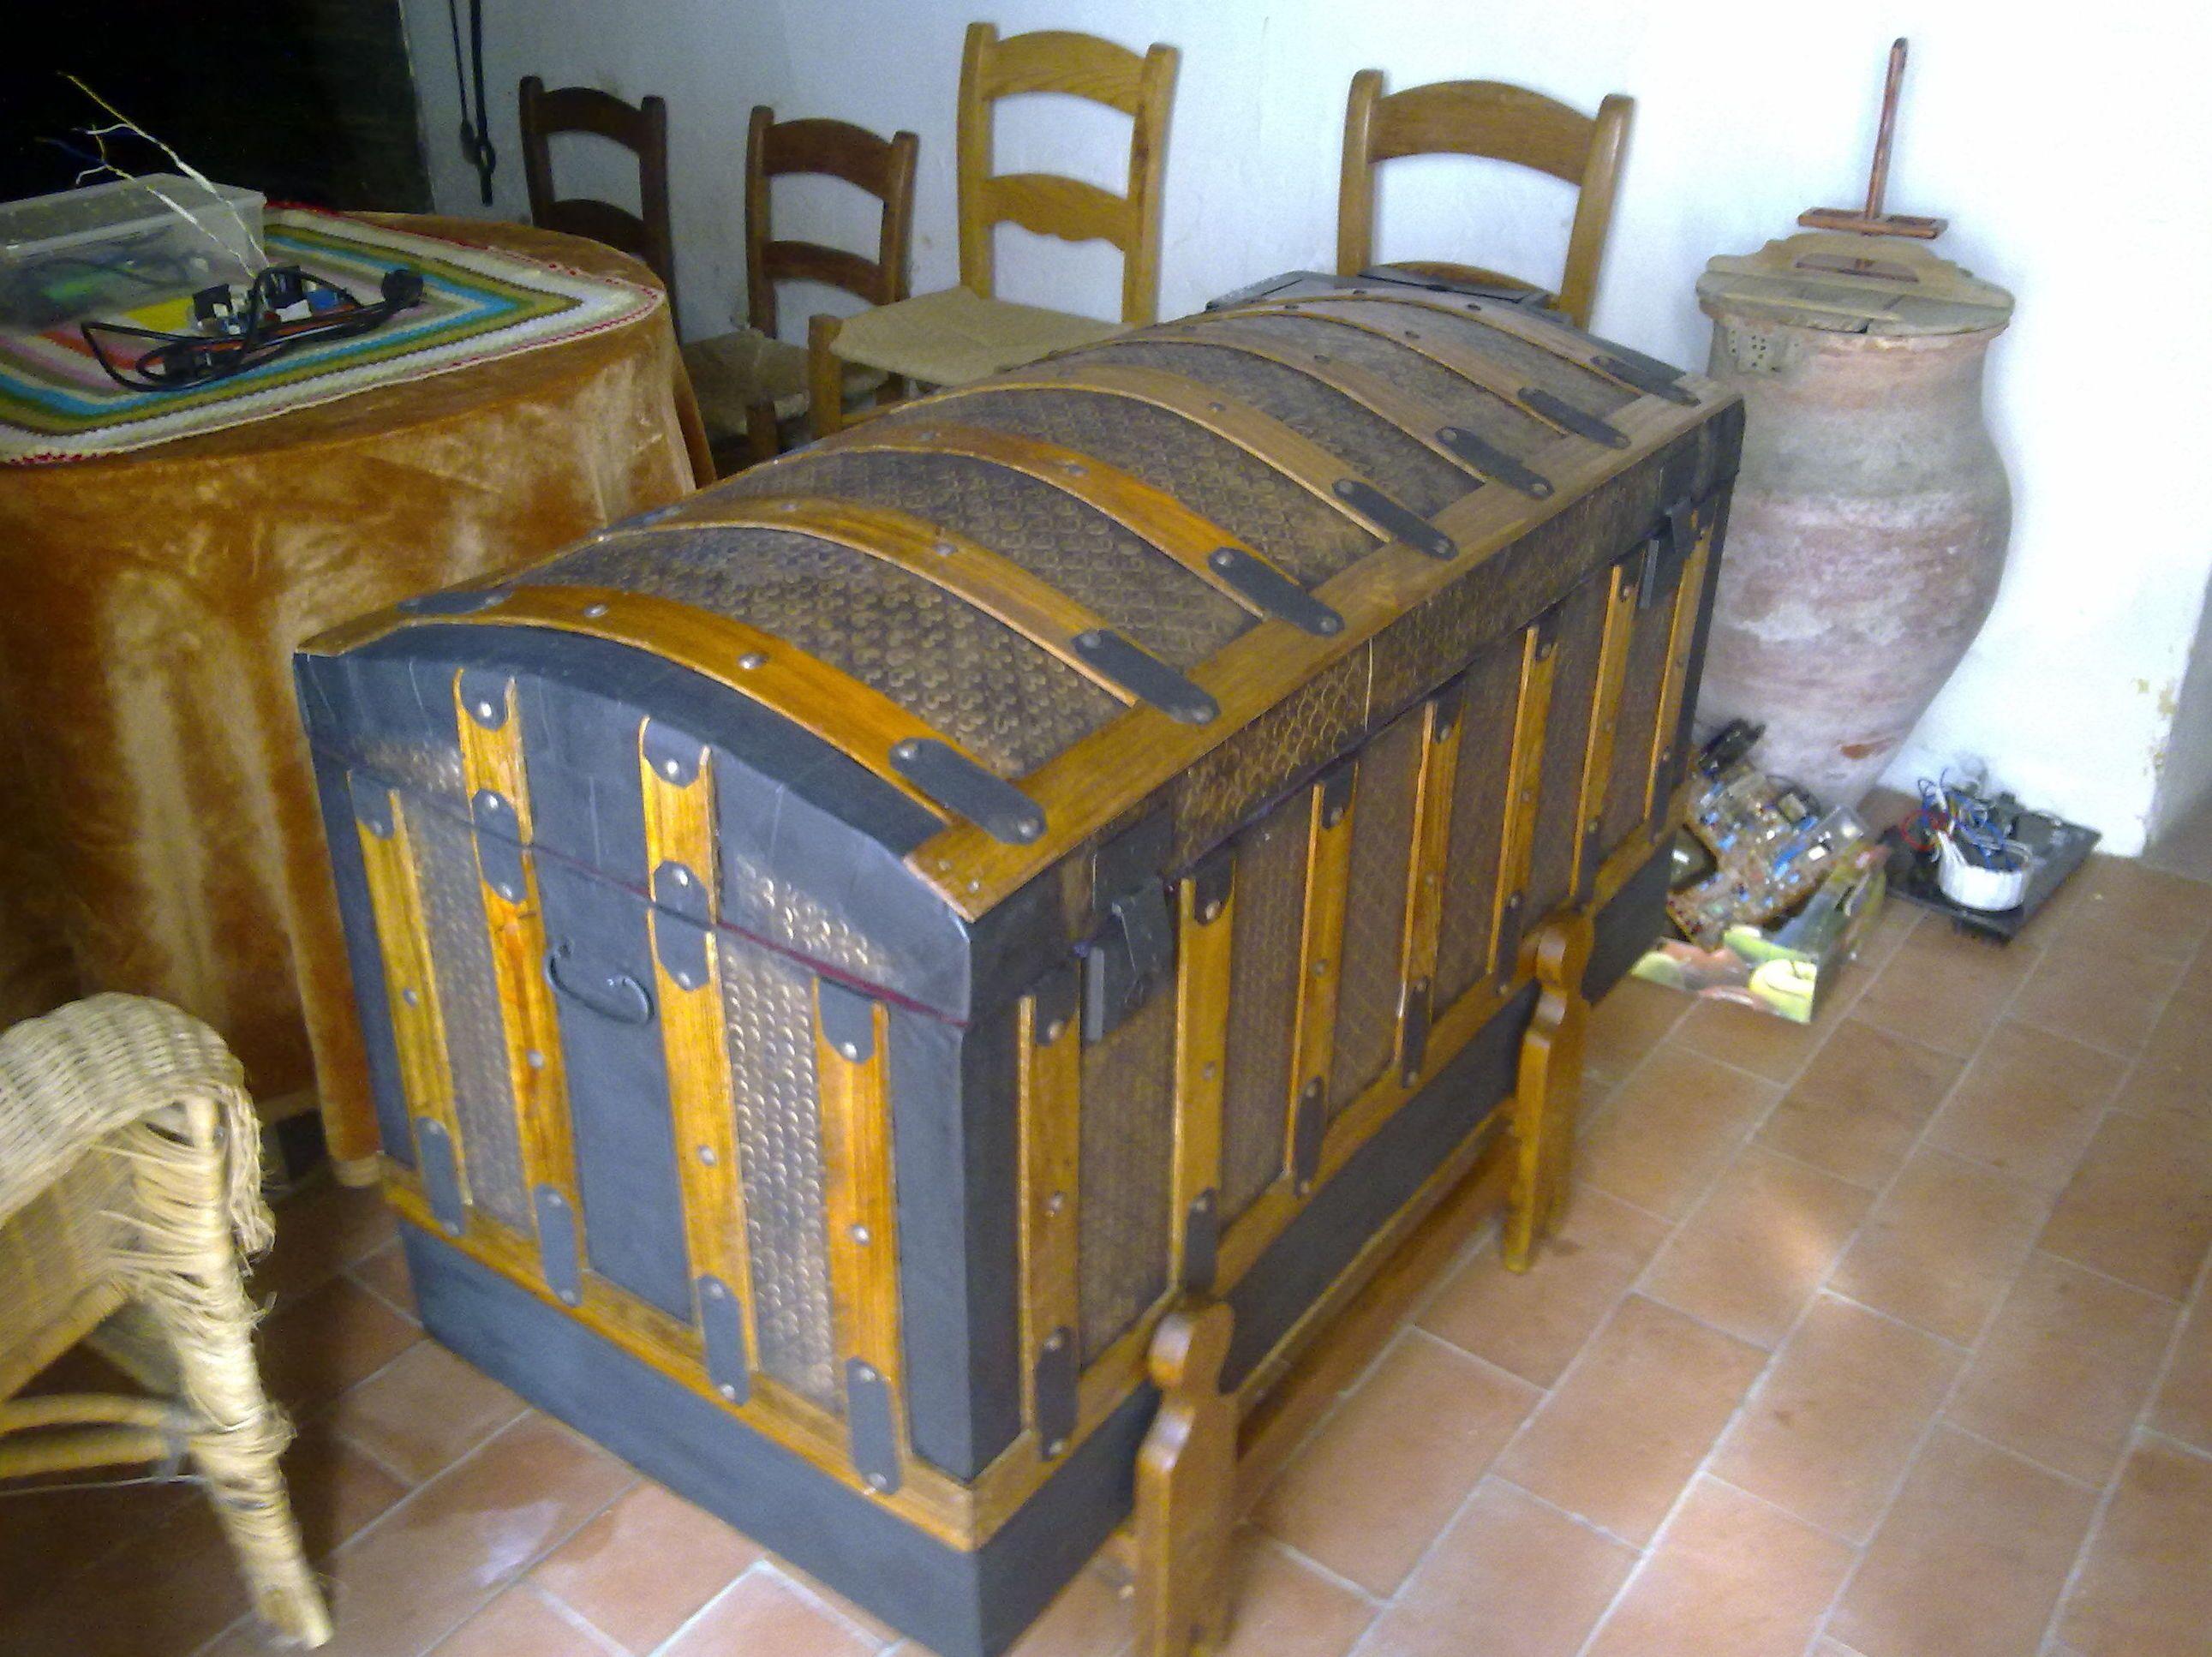 Recuperar muebles viejos cmo hacer estantes y estanteras - Recuperar muebles viejos ...